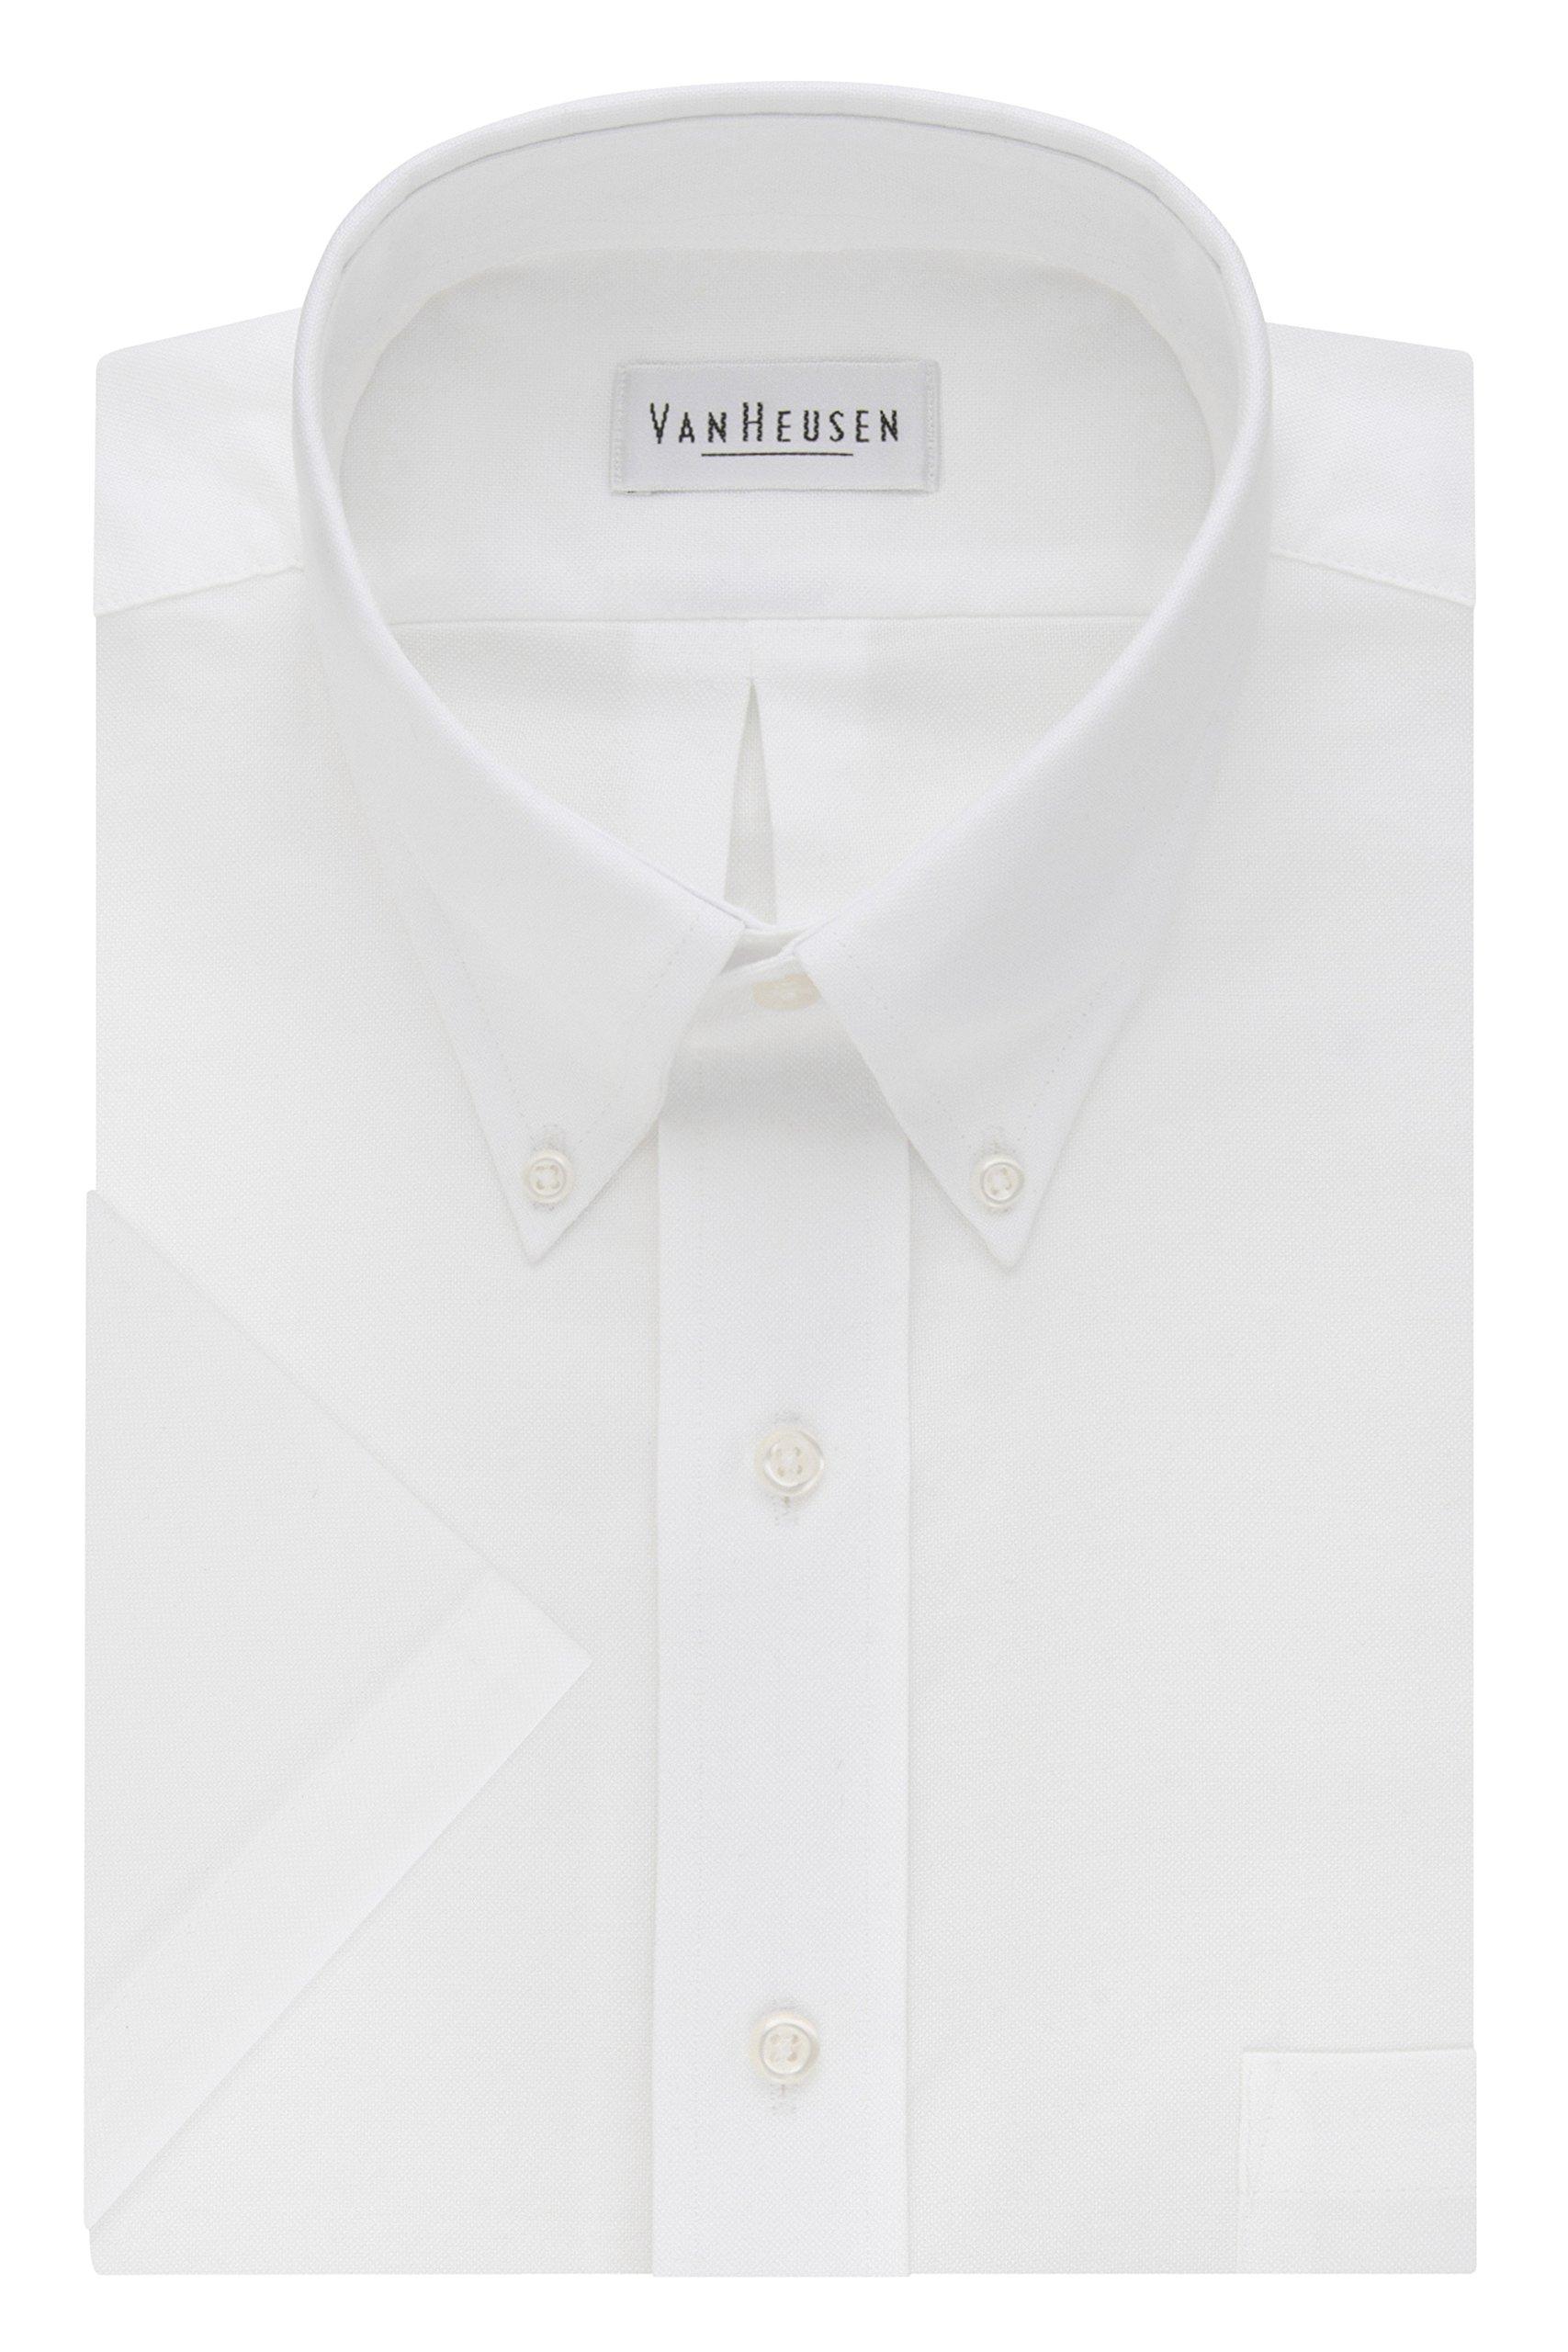 Van Heusen Men's Short Sleeve Oxford Dress Shirt, White, Large